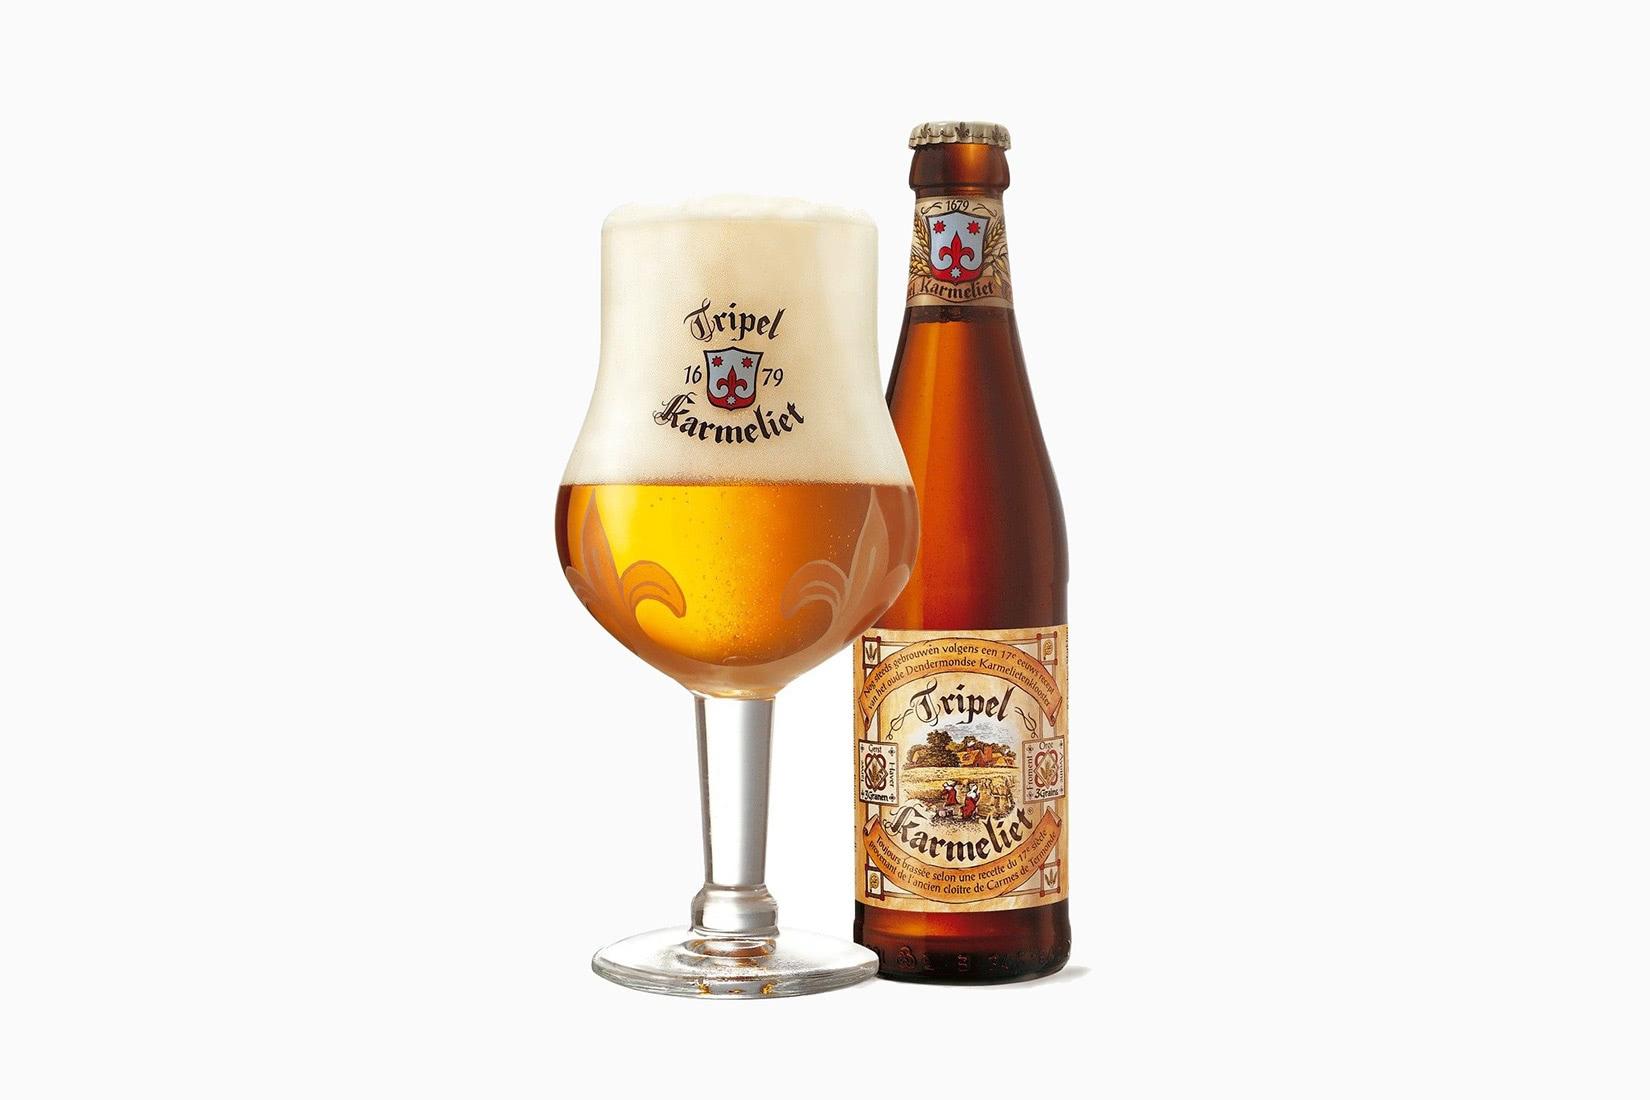 best beer brands tripel karmeliet - Luxe Digital